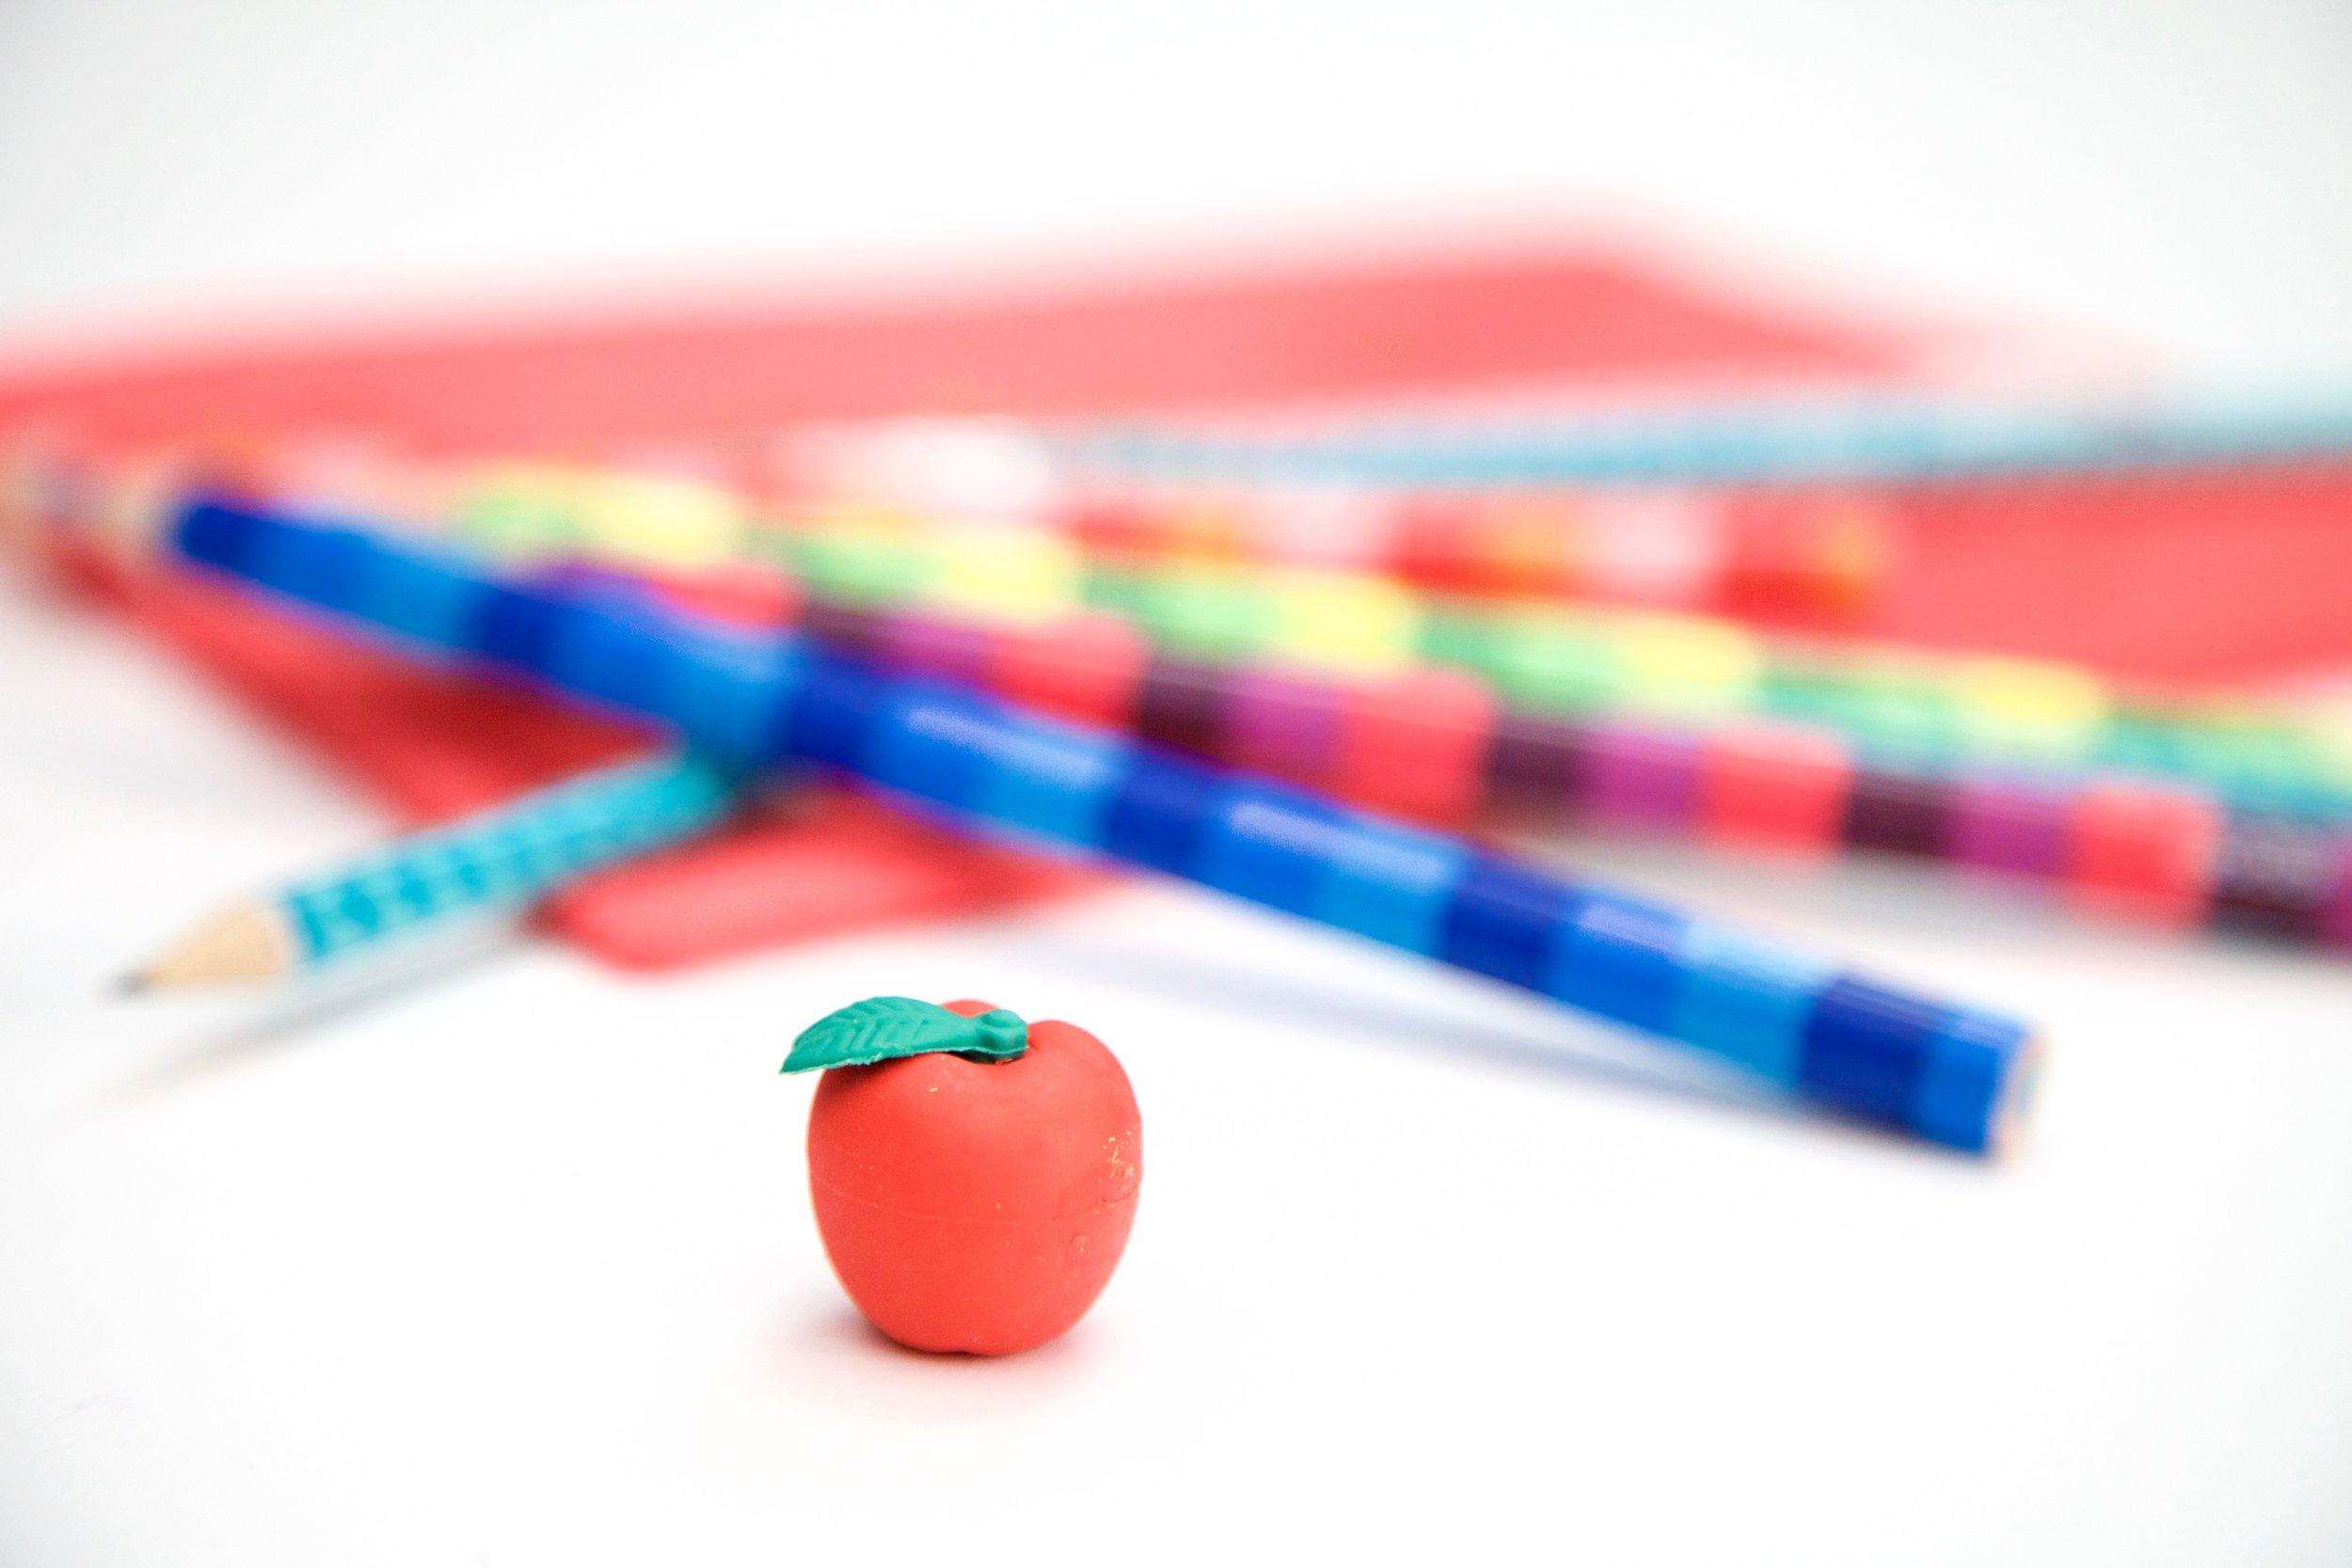 pencilcaseapple